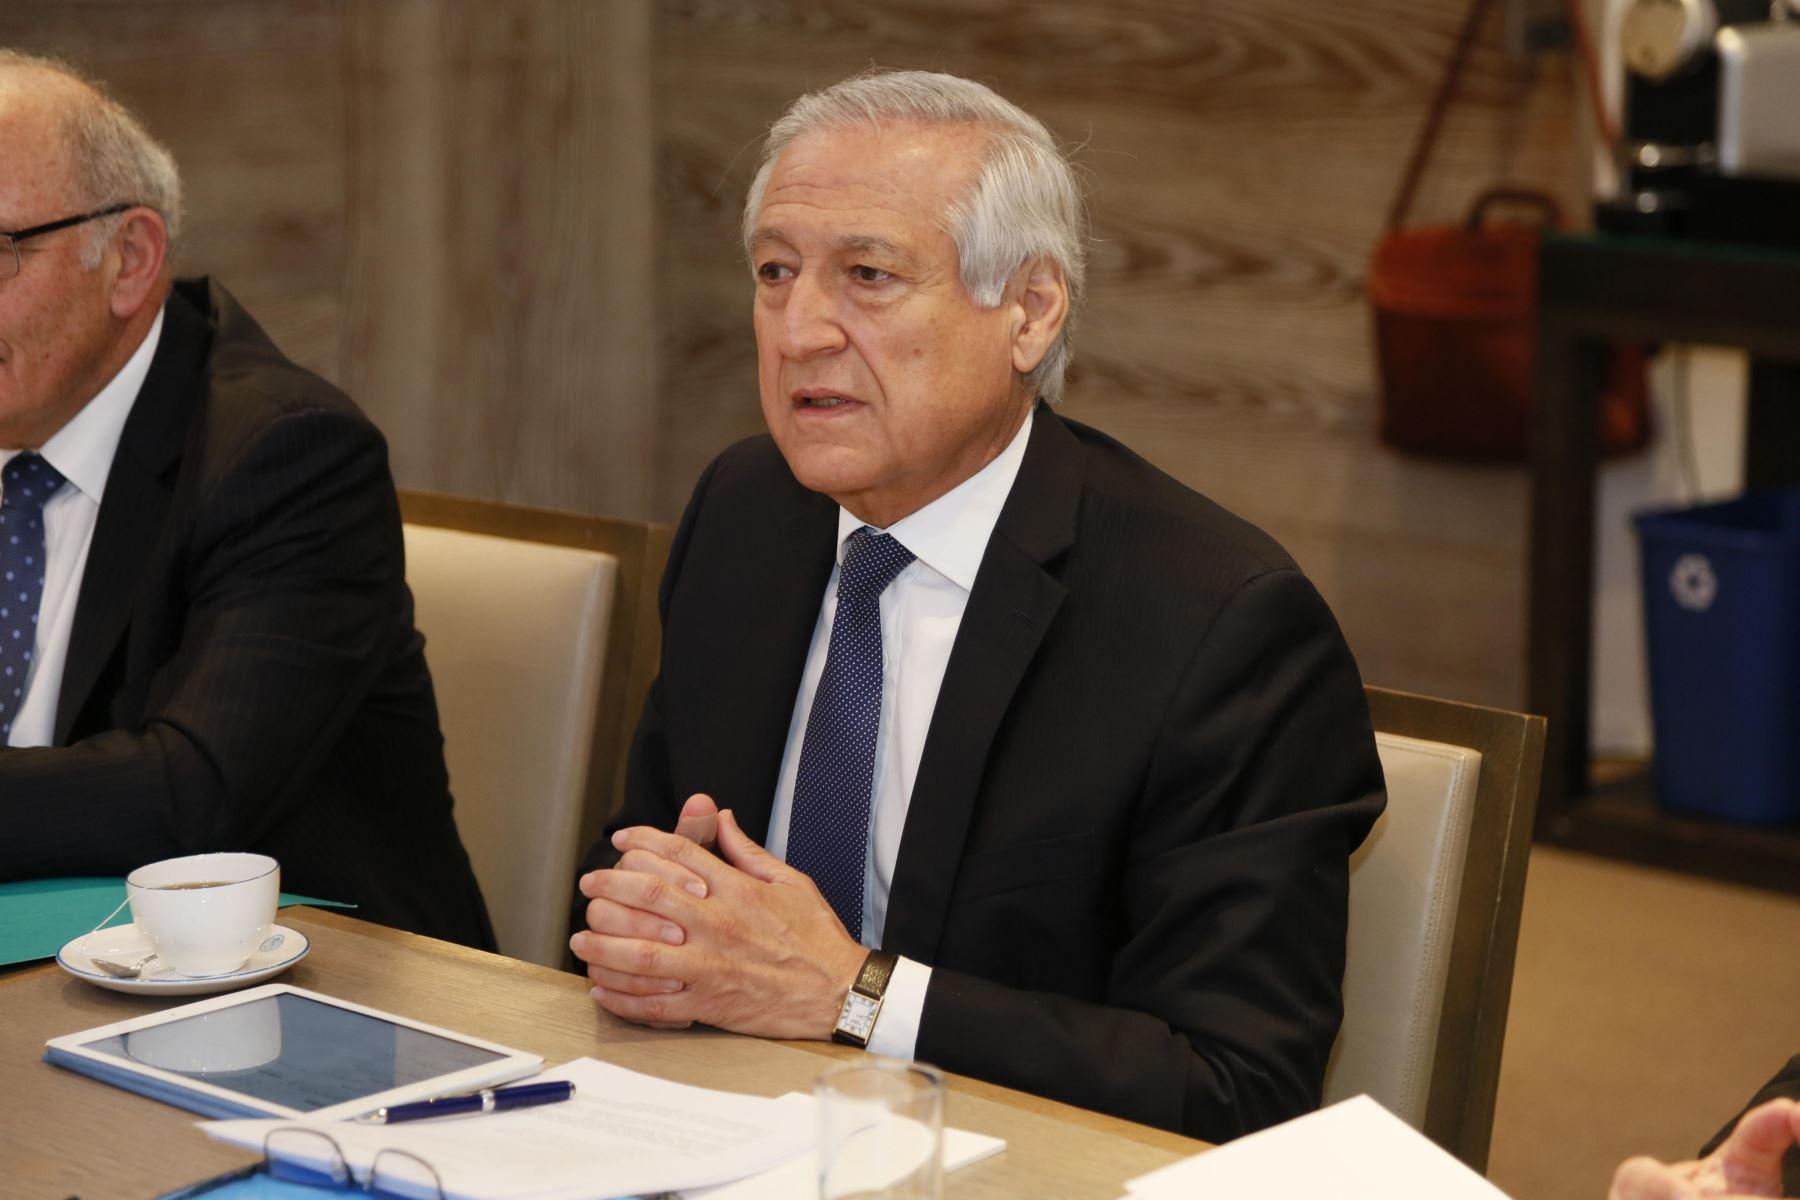 La agenda del canciller Muñoz en Francia